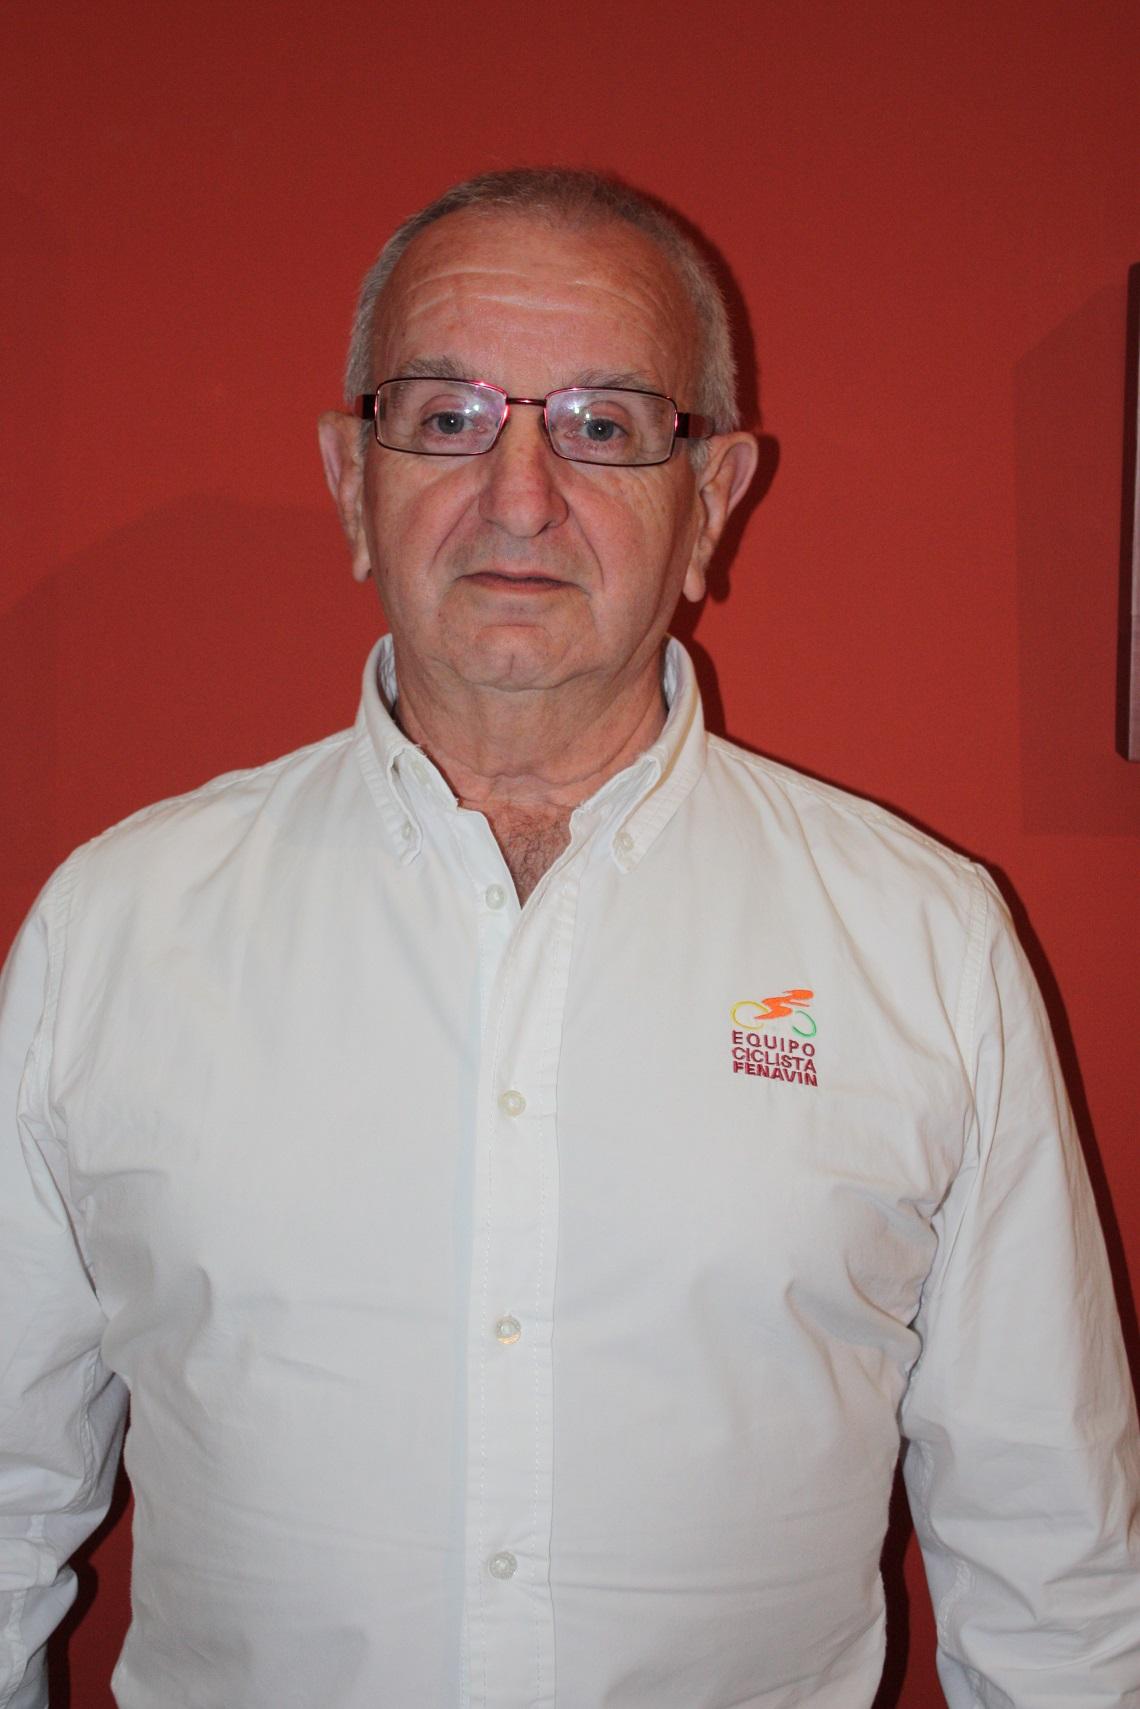 Jose Ureña Hernandez